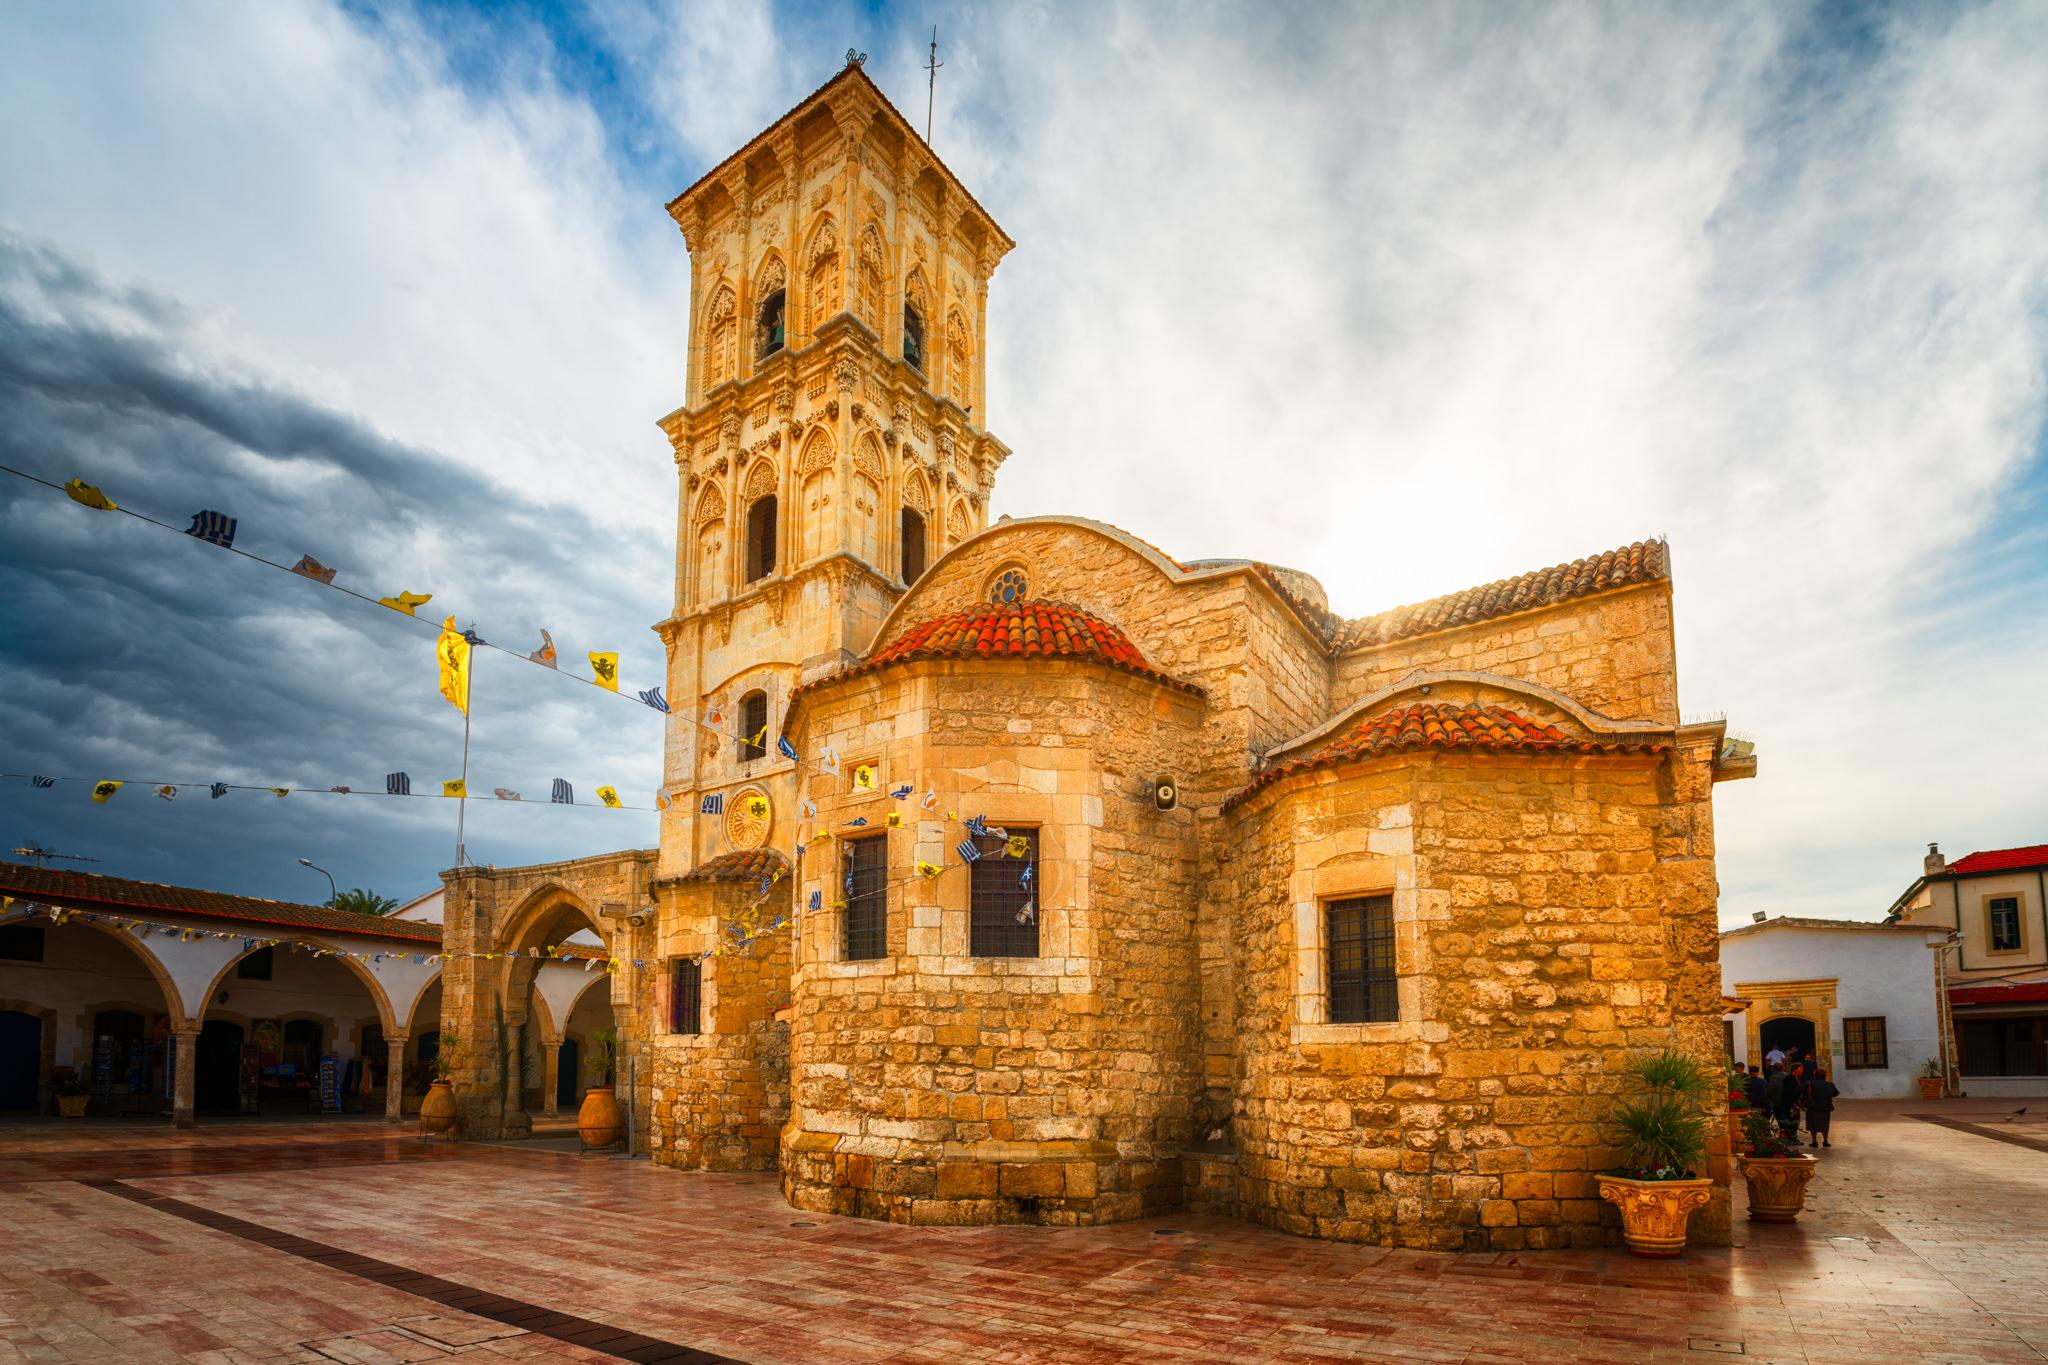 كنيسة القديس لازاروس Church of Saint Lazarus